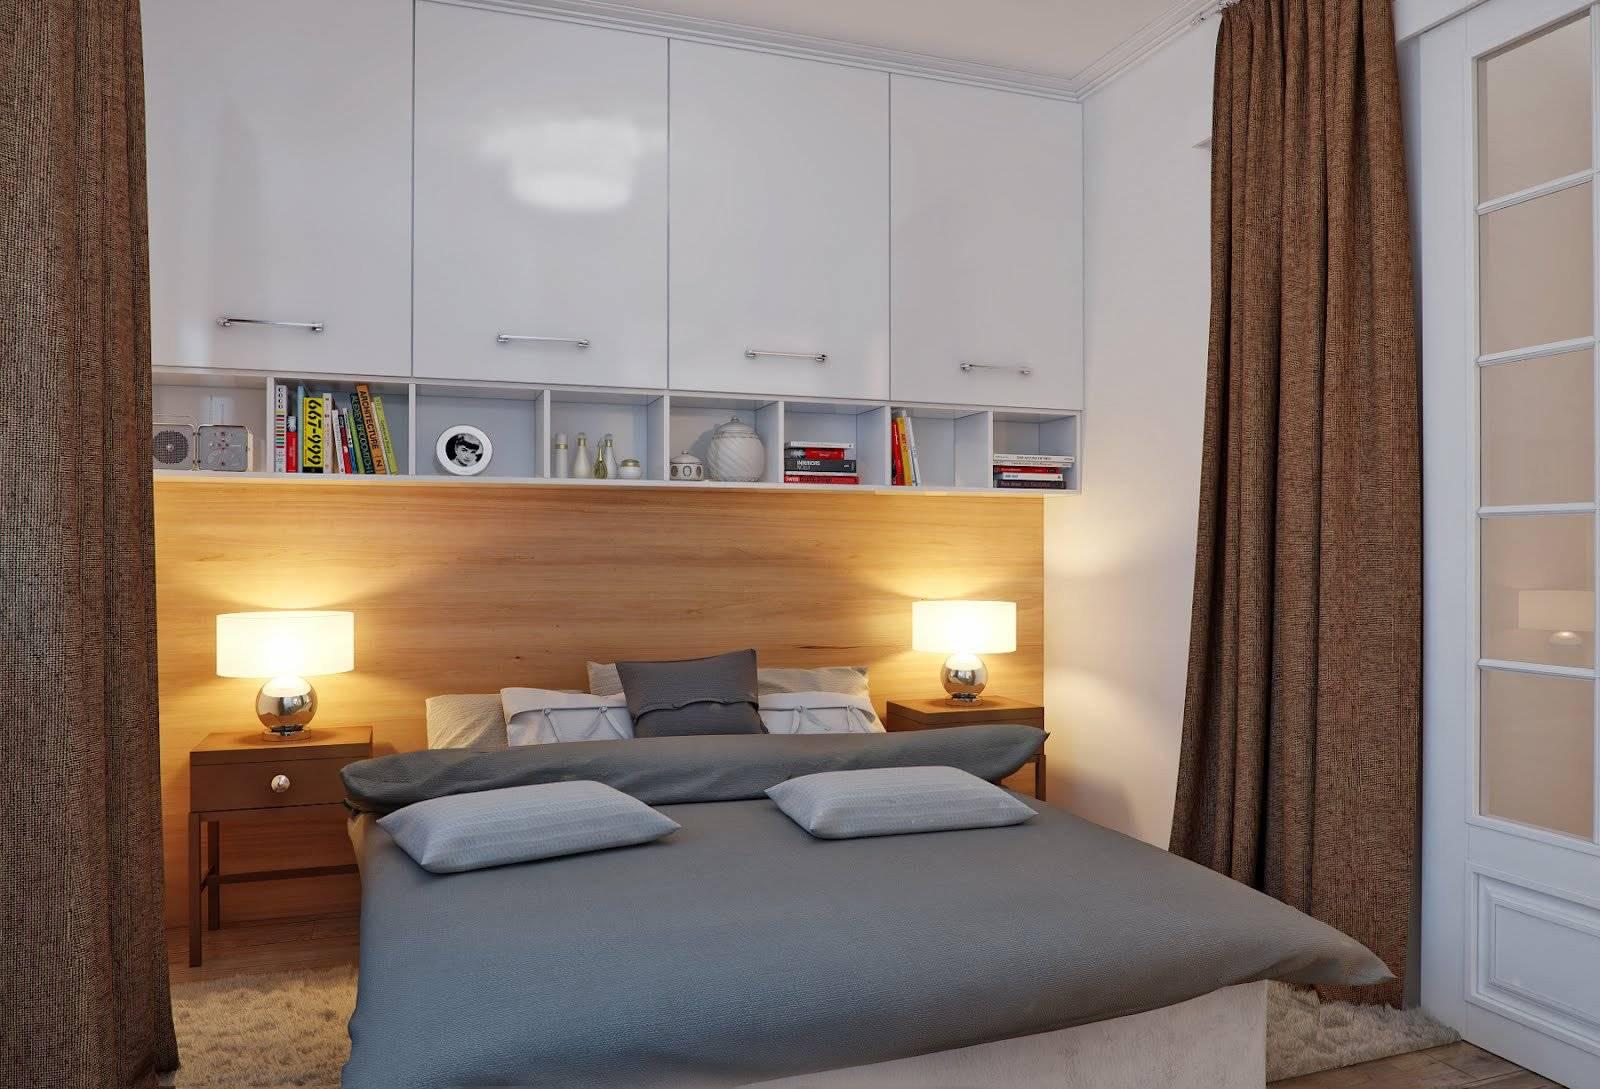 Если спальня без окон. дизайн интерьера